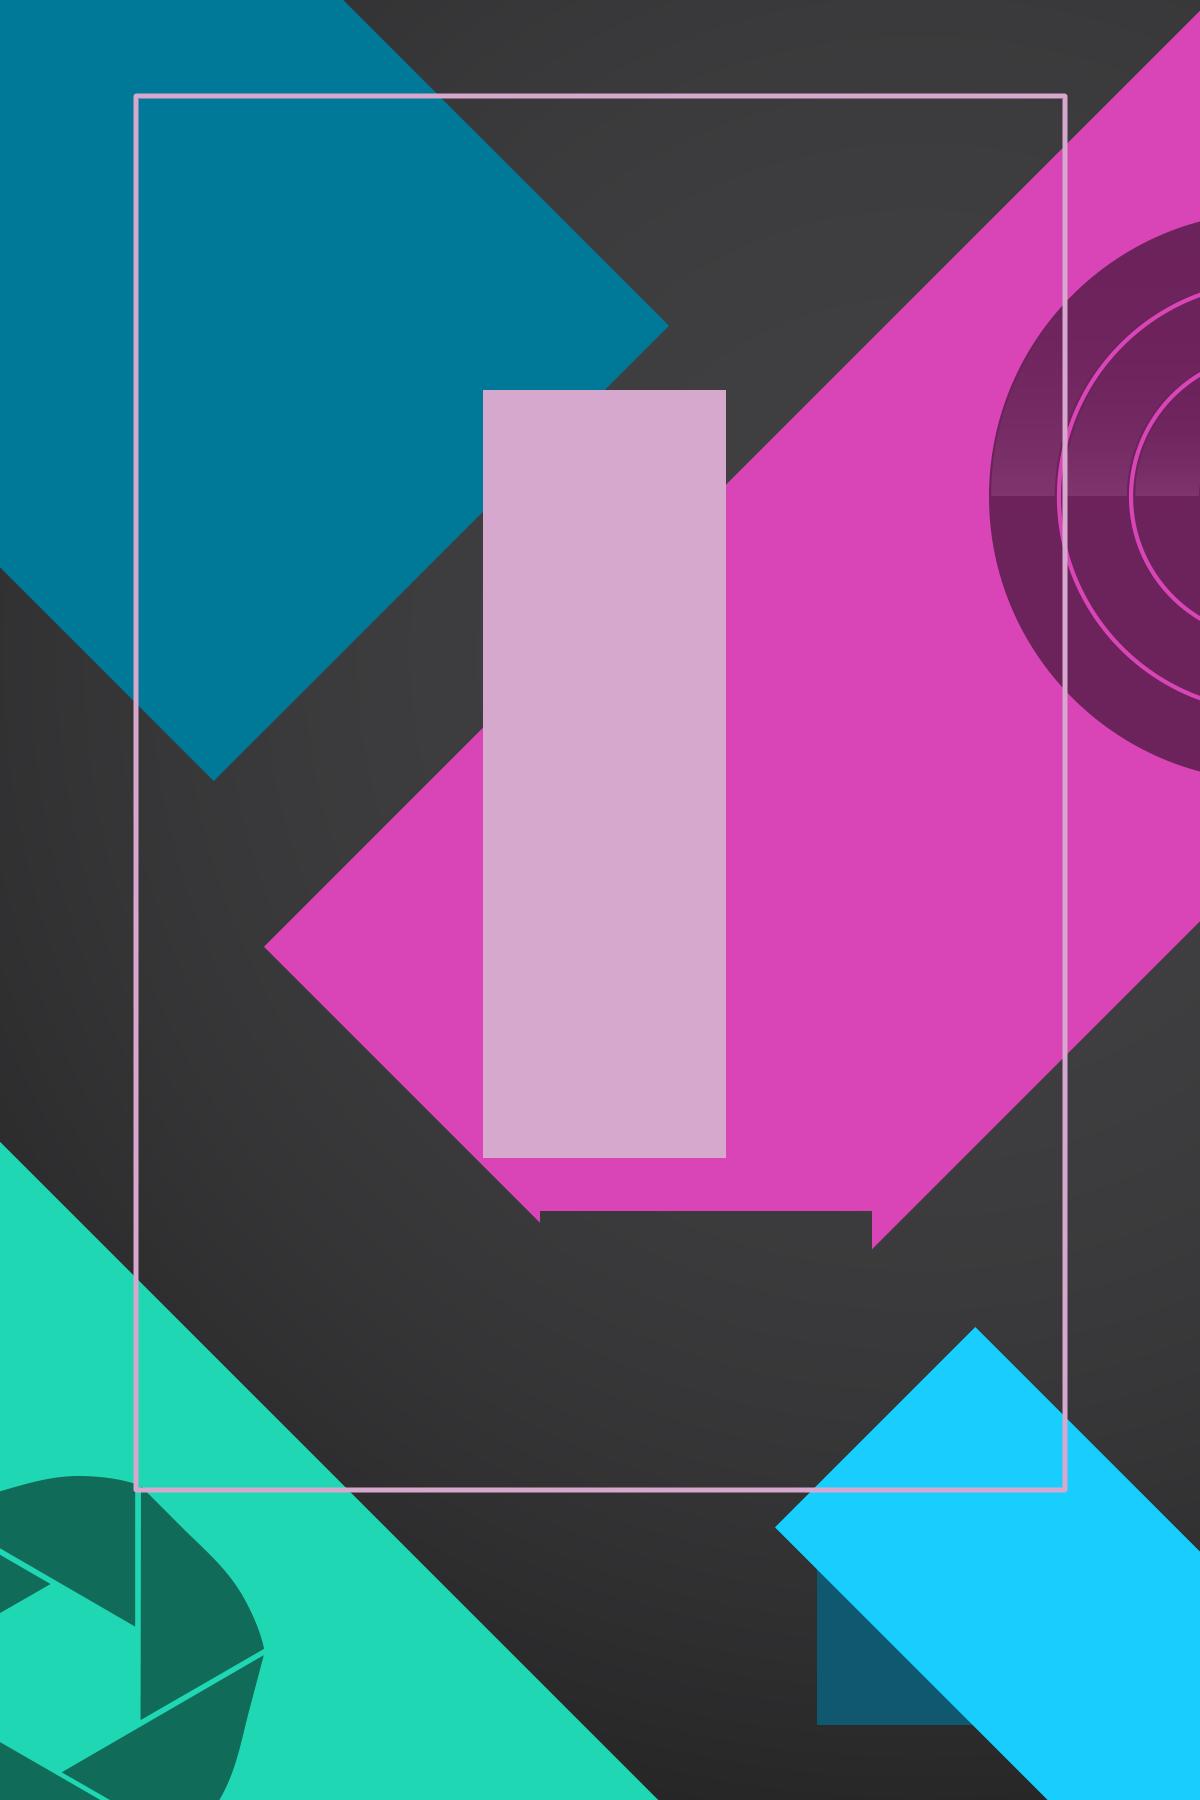 1V_colors_sign.png